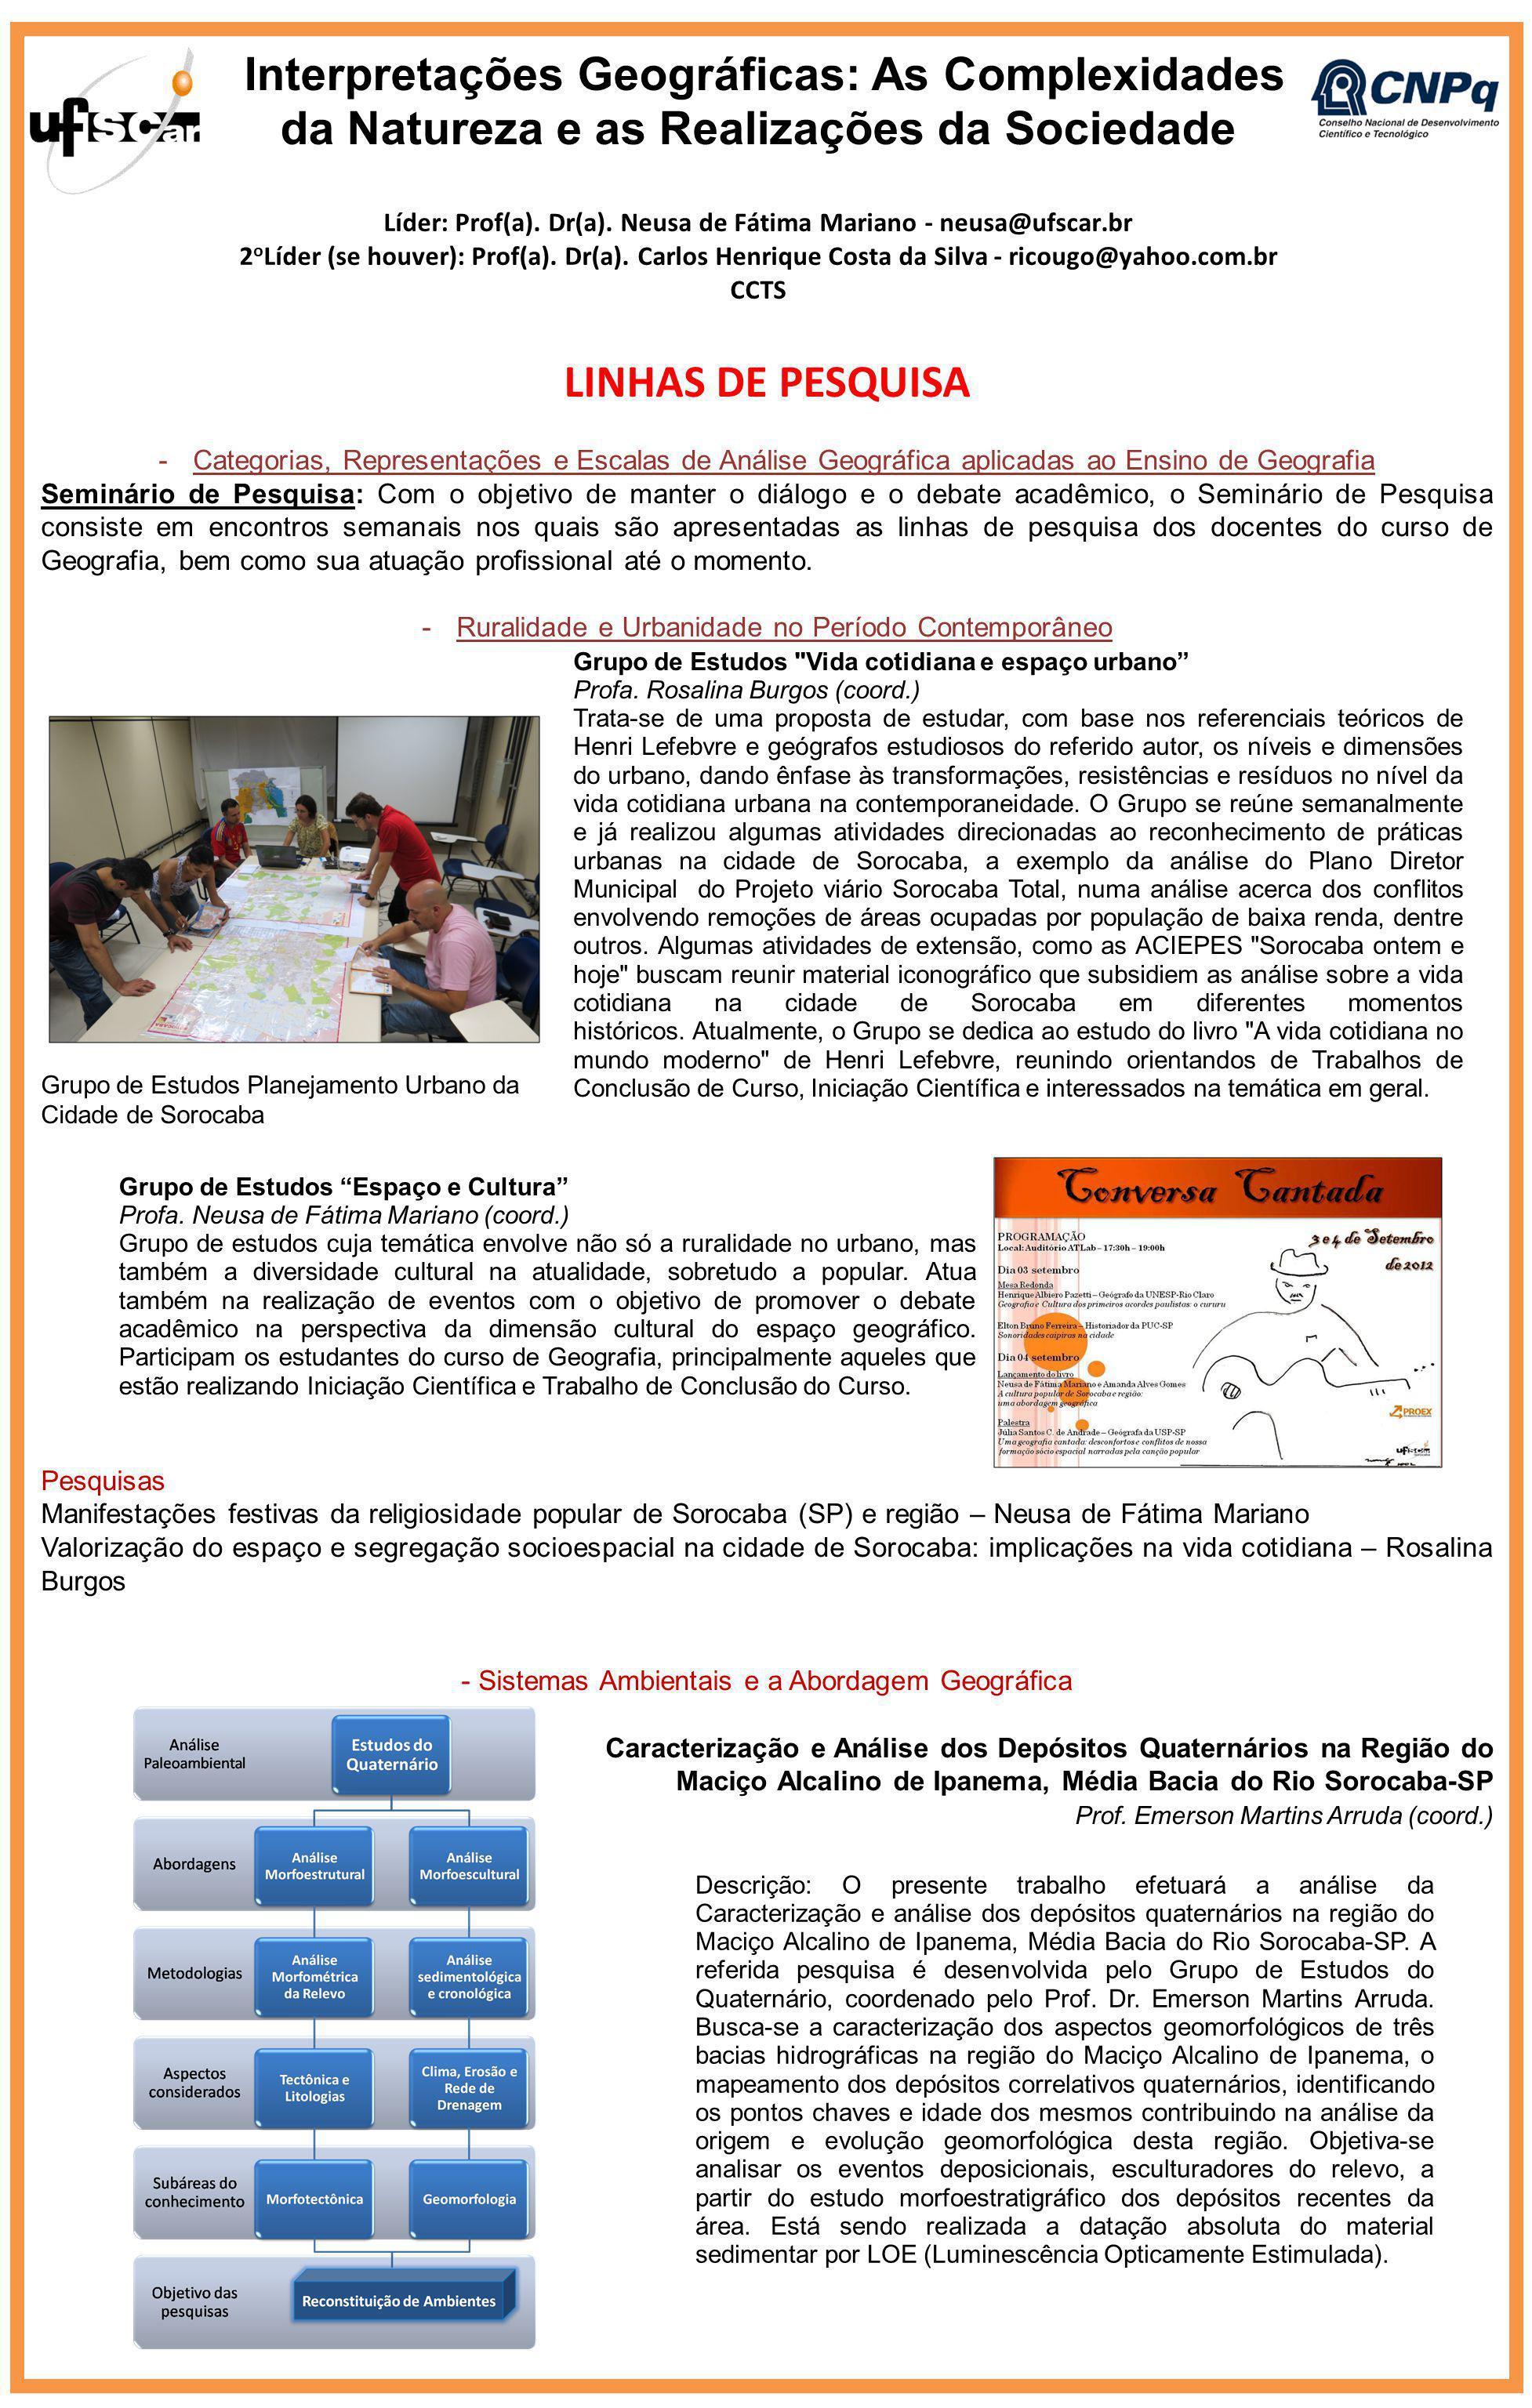 Líder: Prof(a). Dr(a). Neusa de Fátima Mariano - neusa@ufscar.br 2 o Líder (se houver): Prof(a). Dr(a). Carlos Henrique Costa da Silva - ricougo@yahoo